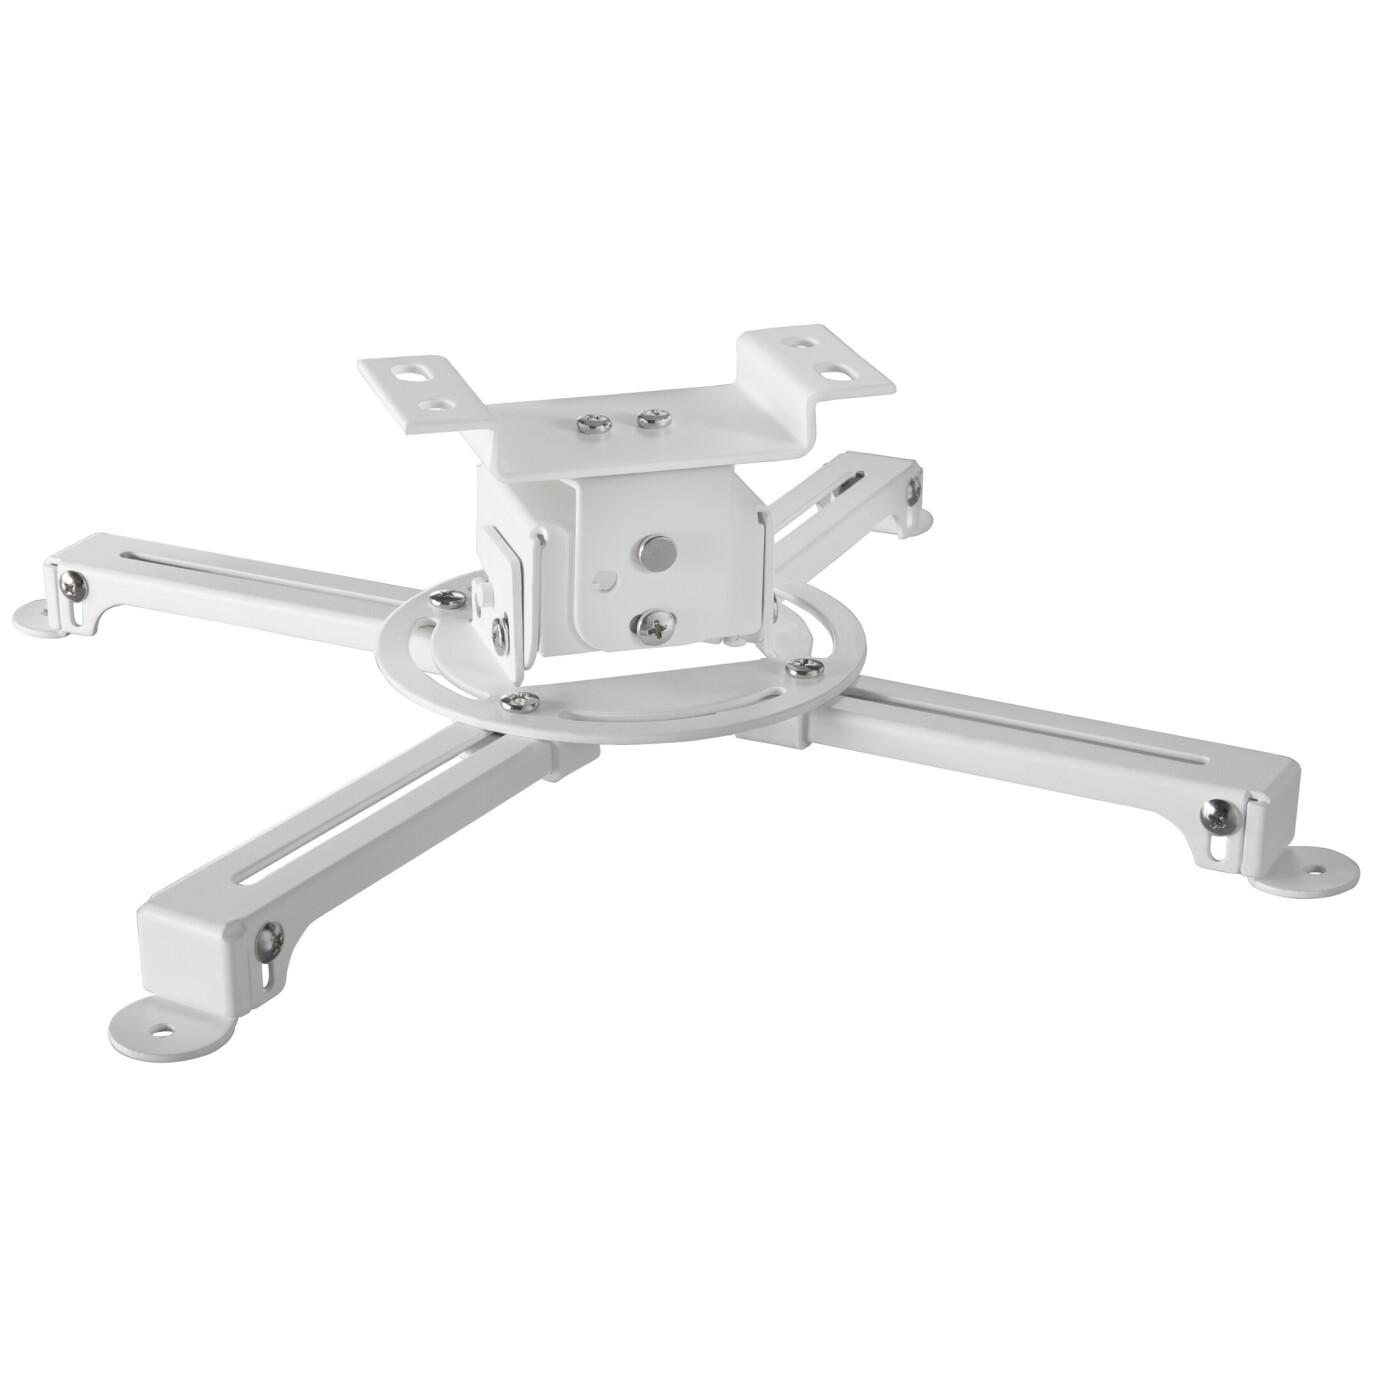 Supporto da soffitto universale celexon MultiCel 1000 Pro – bianco